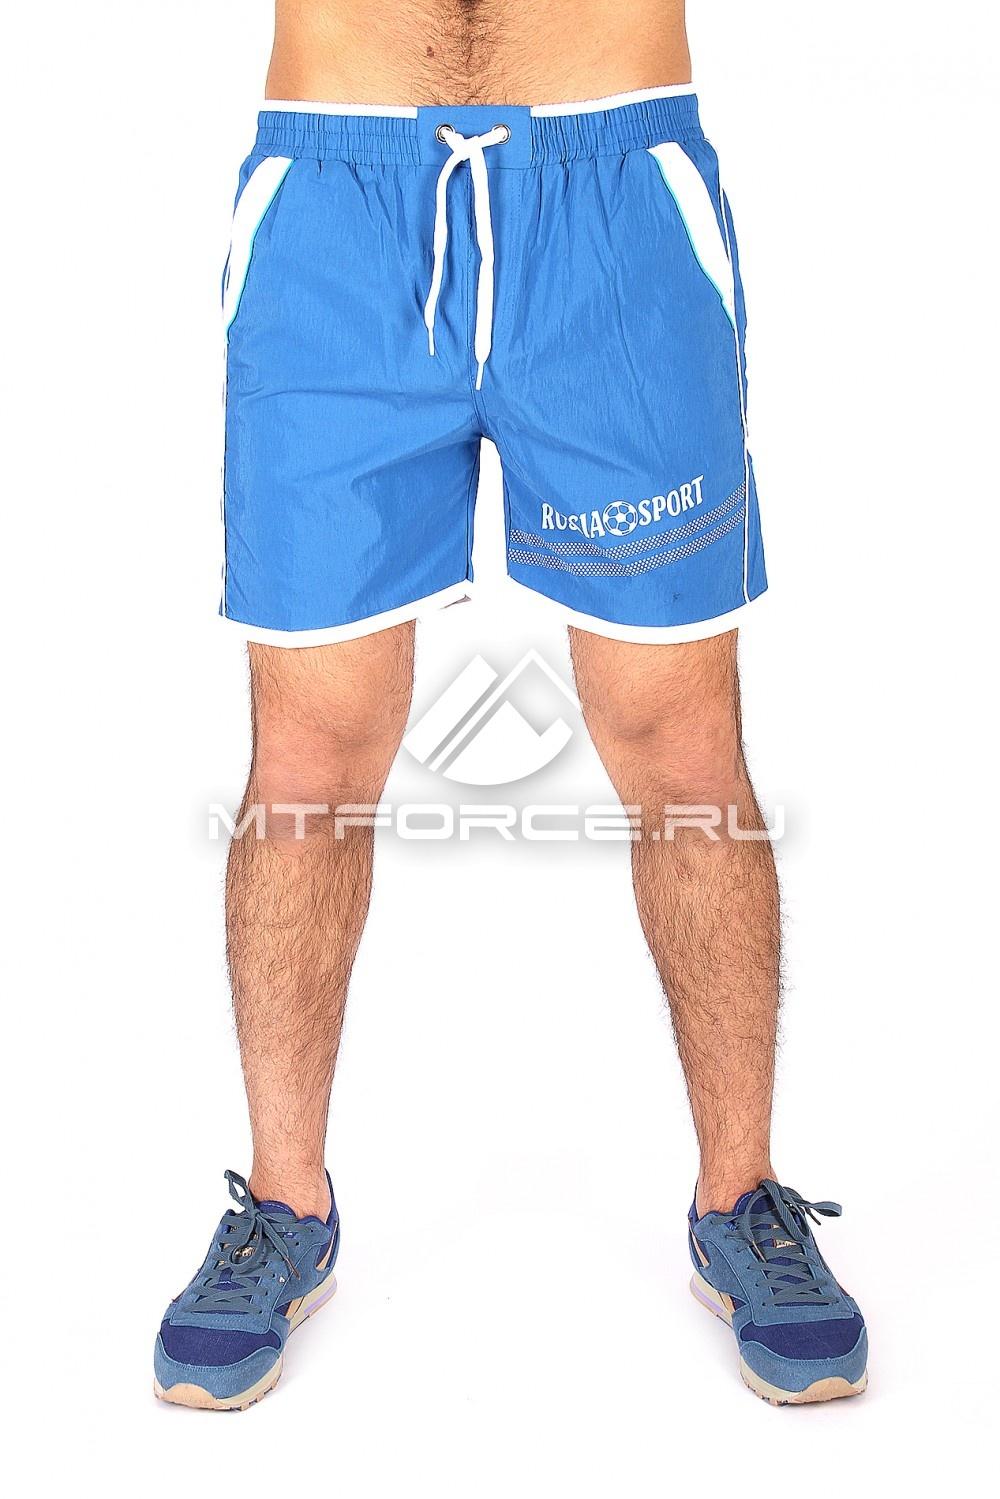 Купить                                  оптом Спортивные шорты синего цвета 503S